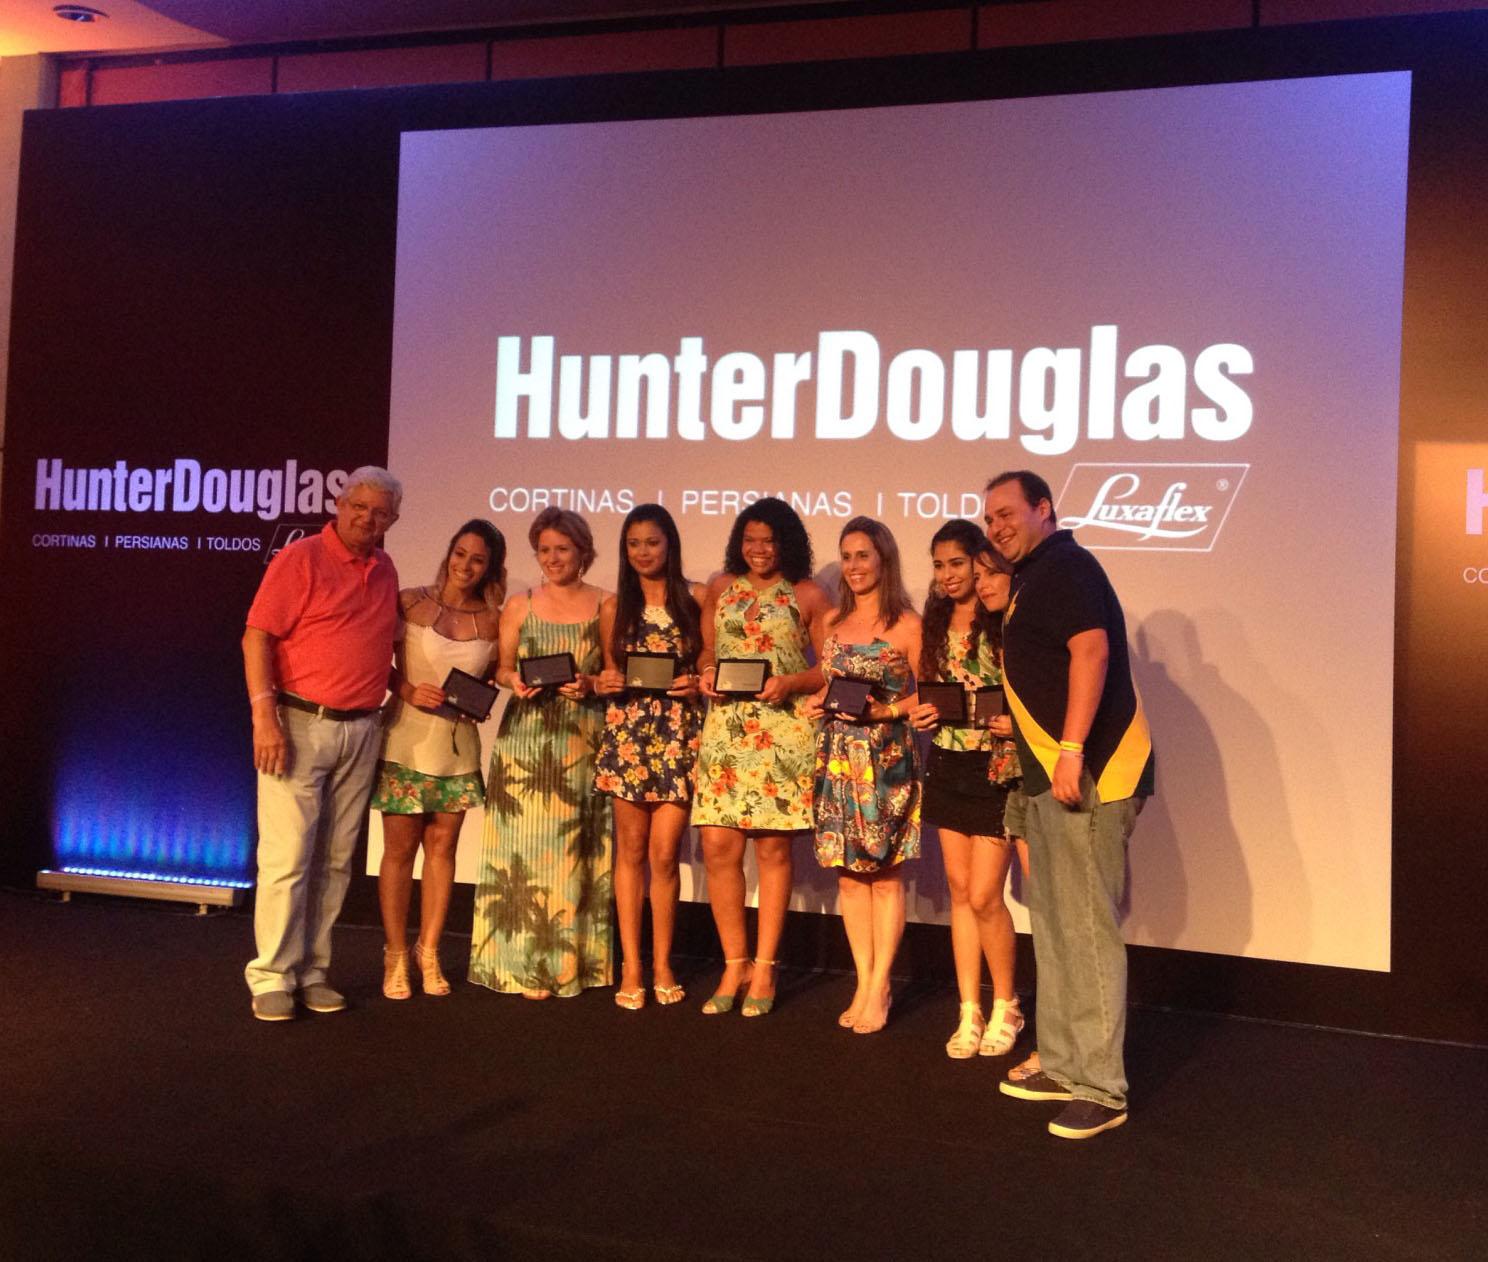 Consultoras do Ateliê recebem prêmio Campeão de Vendas da Hunter Douglas